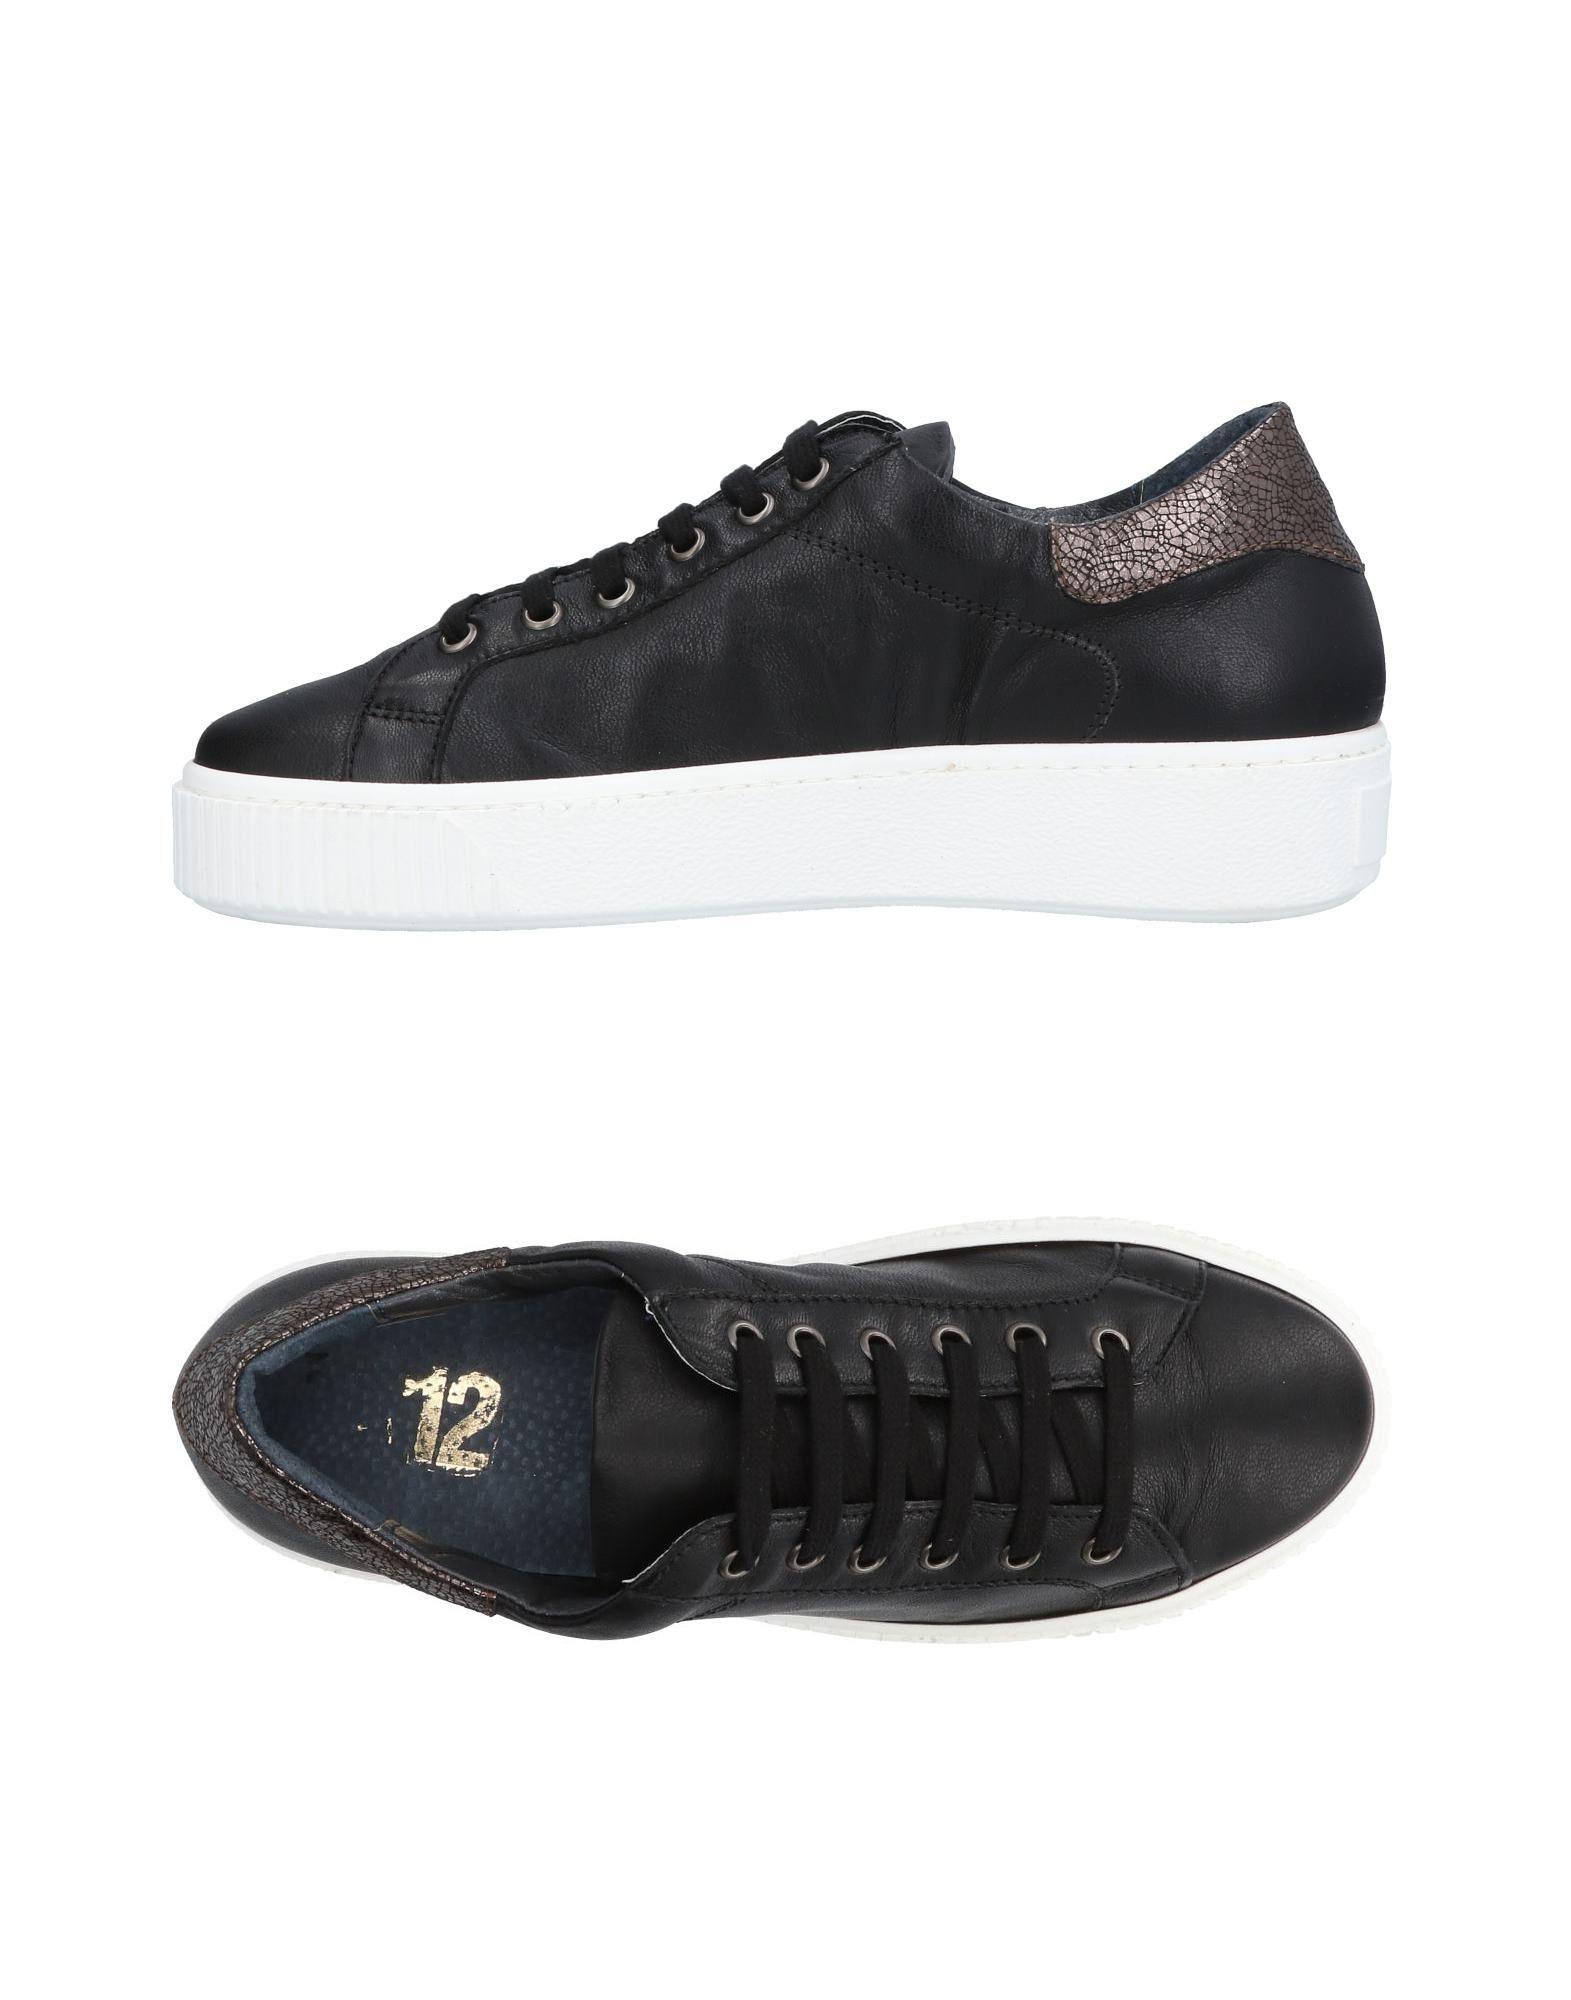 Tsd12 Sneakers es Damen Gutes Preis-Leistungs-Verhältnis, es Sneakers lohnt sich 018ccc